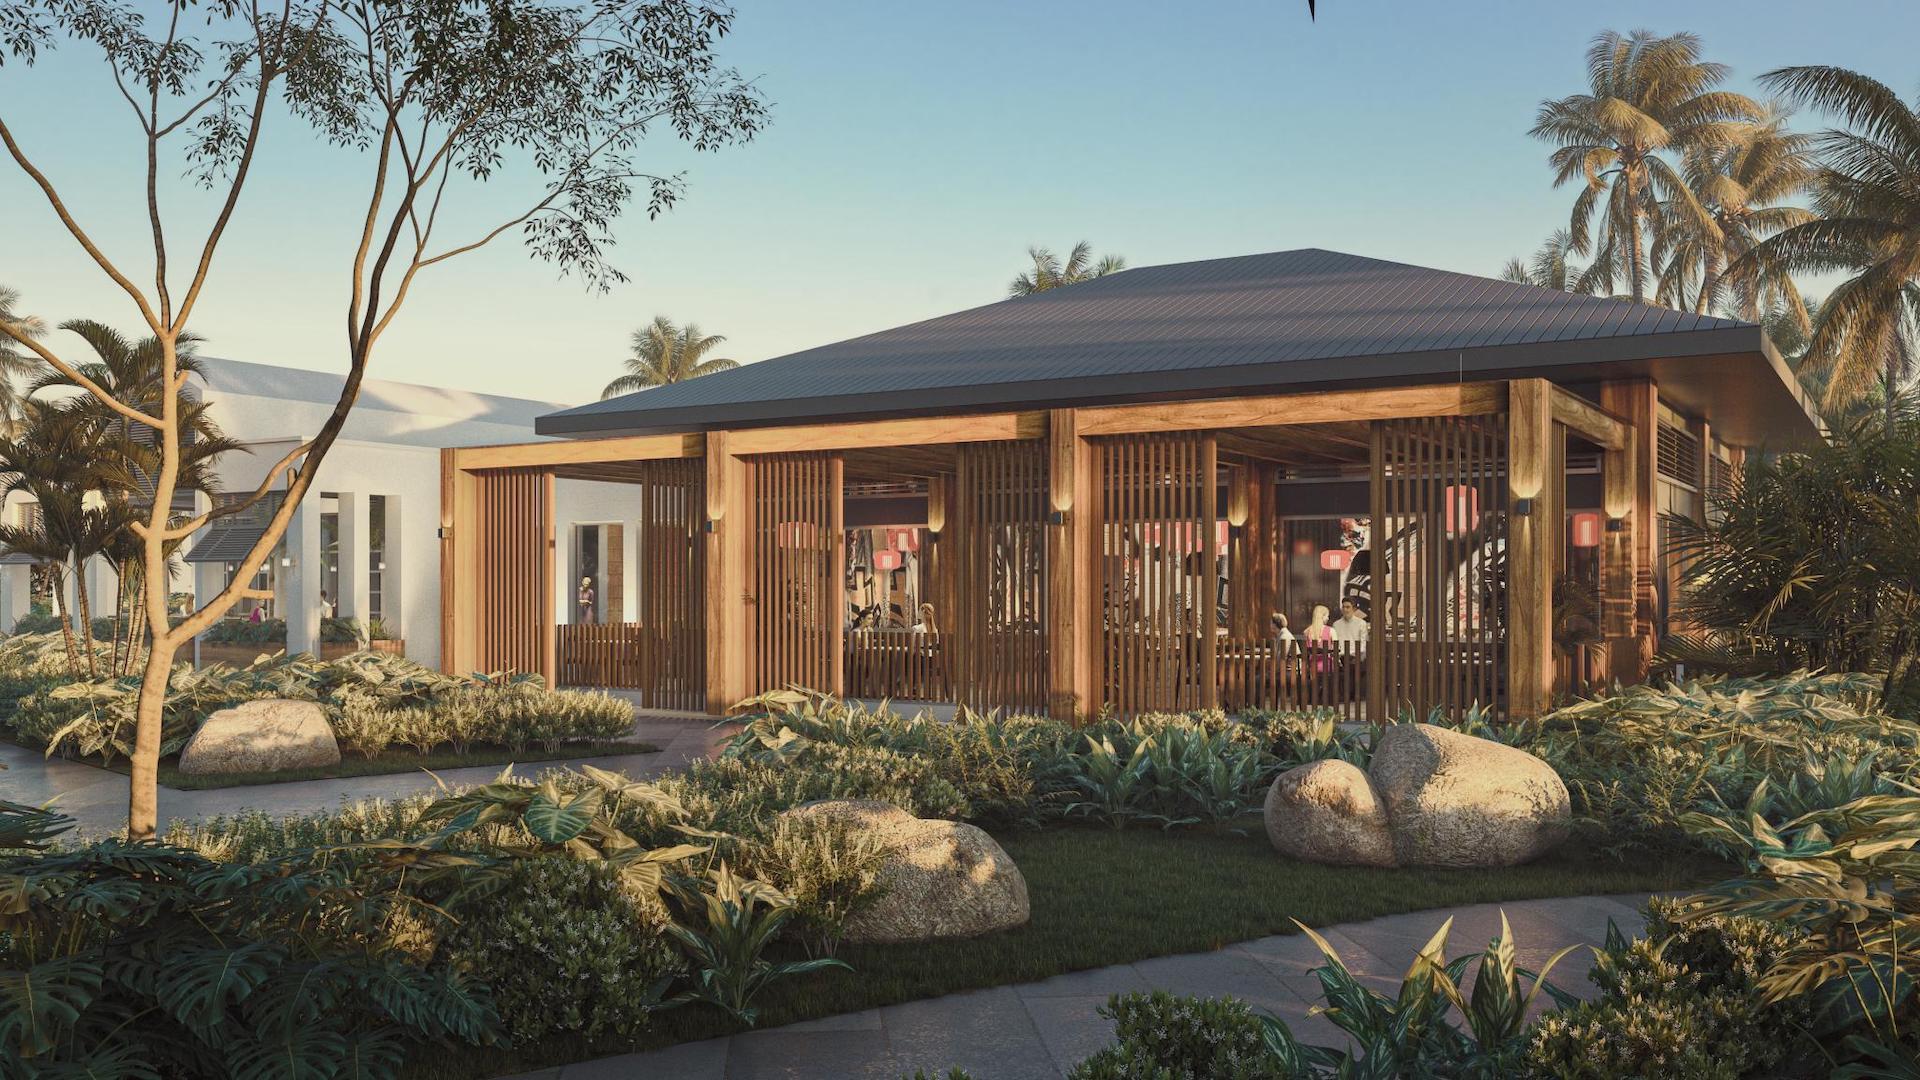 Abre en República Dominicana, el hotel Margaritaville Island Reserve